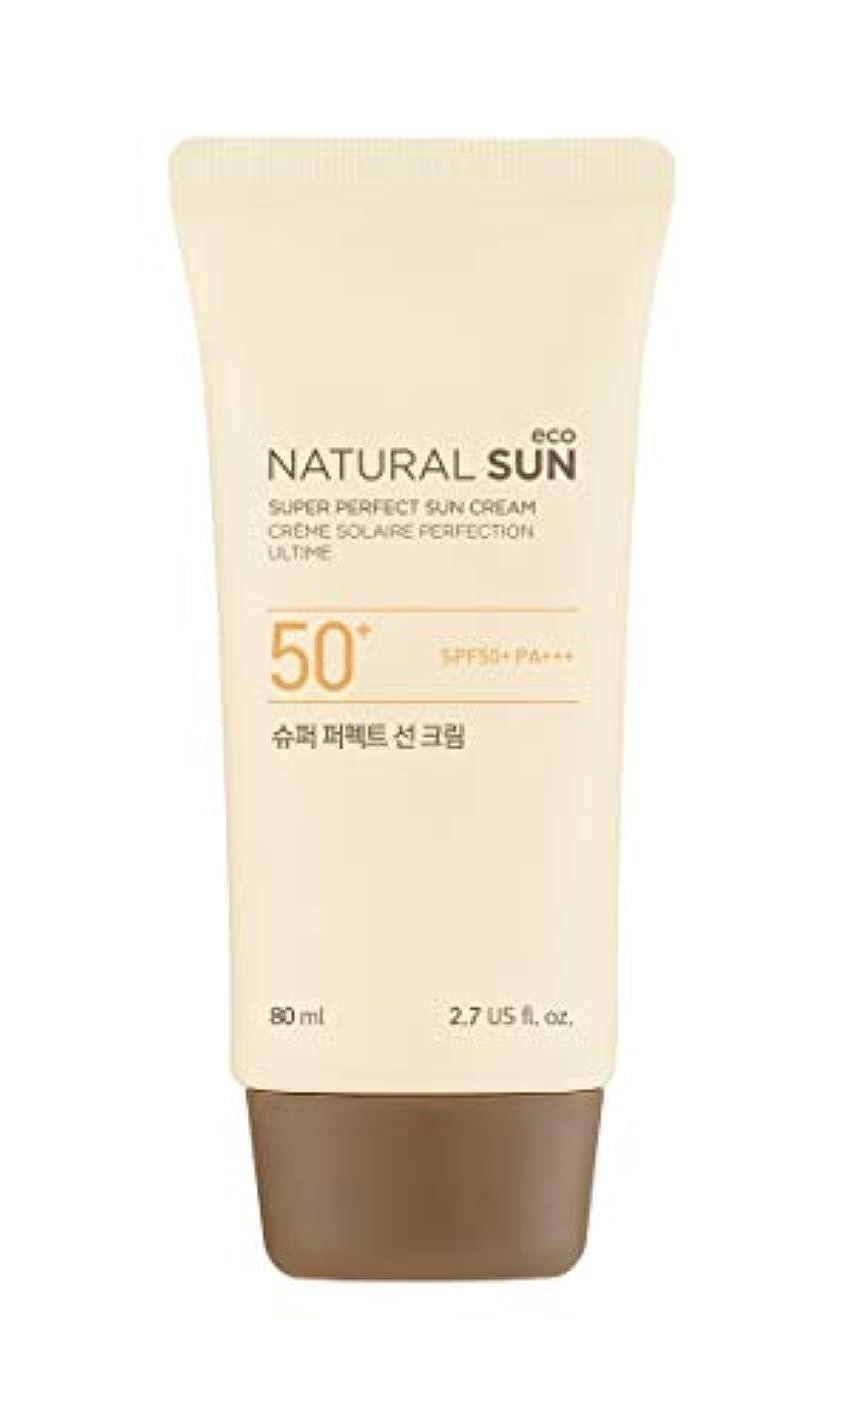 [ザ?フェイスショップ] THE FACE SHOP [スーパー パーフェクト サンクリーム  80ml] (NSE Super Perfect Sun Cream SPF50+ PA+++ 80ml) [海外直送品]